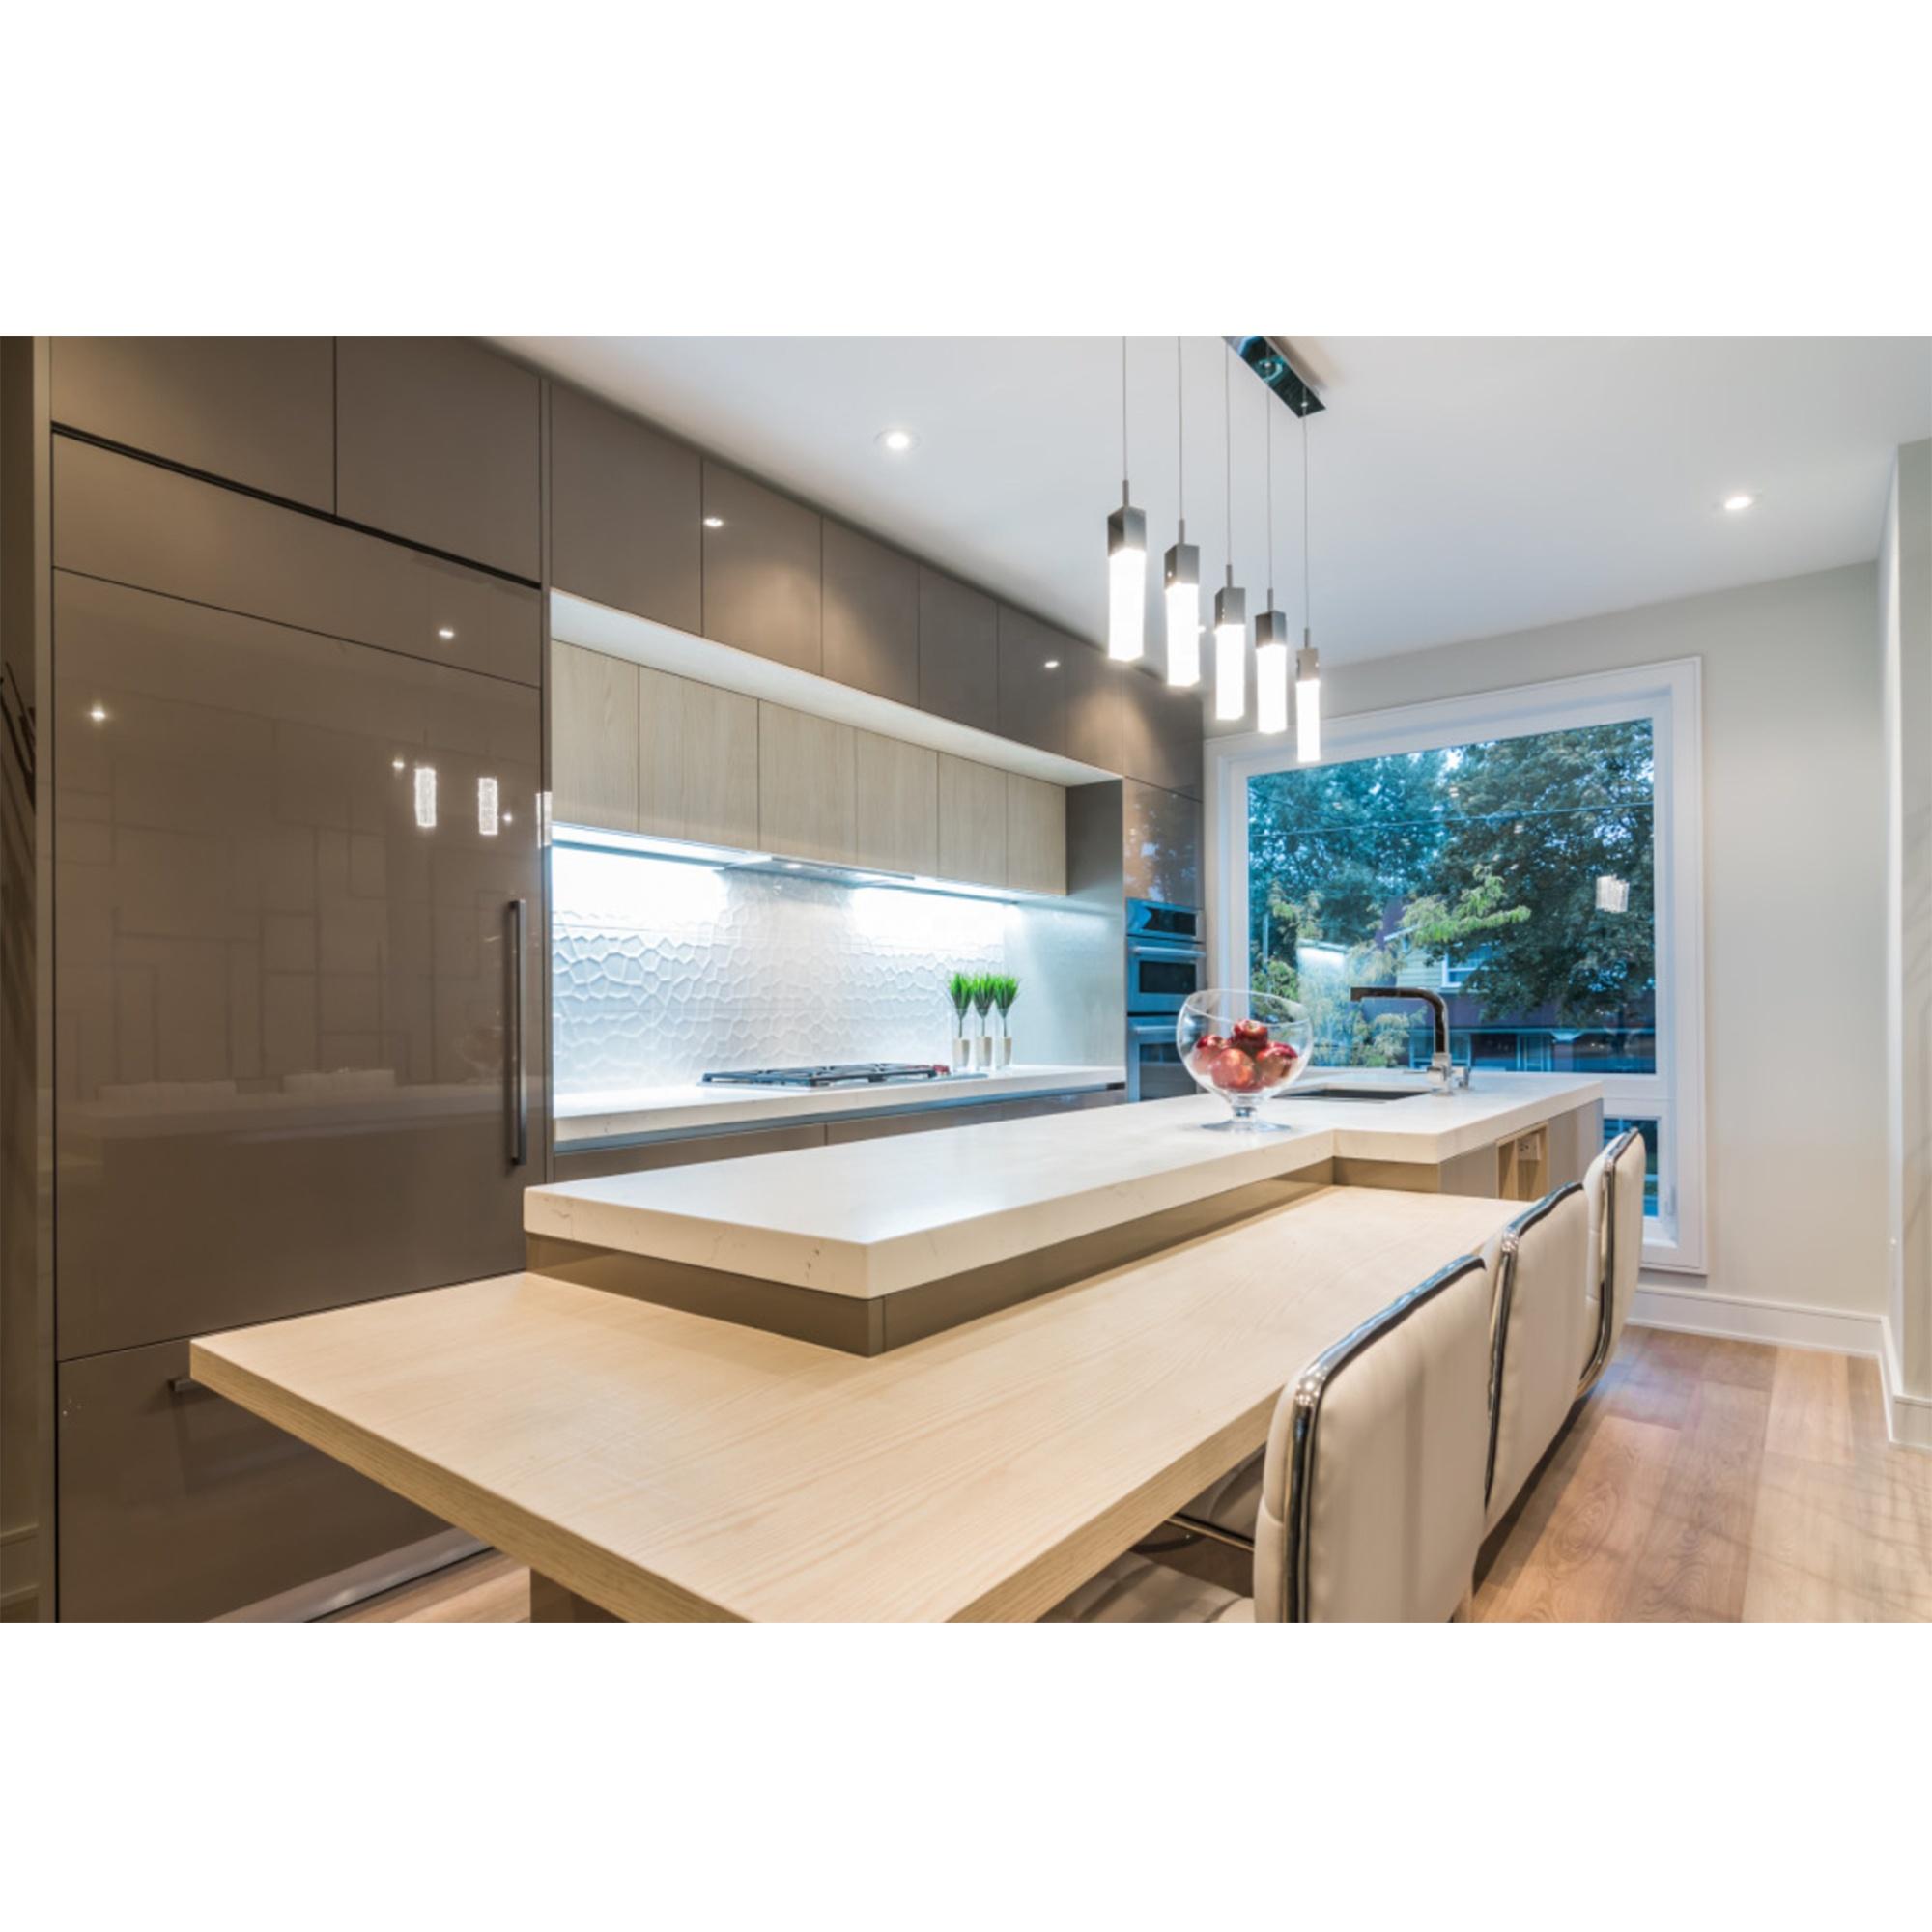 Nicocabinet Mdf Door Material Kitchen Cabinets Modern Luxury Kitchen Interior Design Buy White Kitchen Cabinets Modular Kitchen Kitchen Design